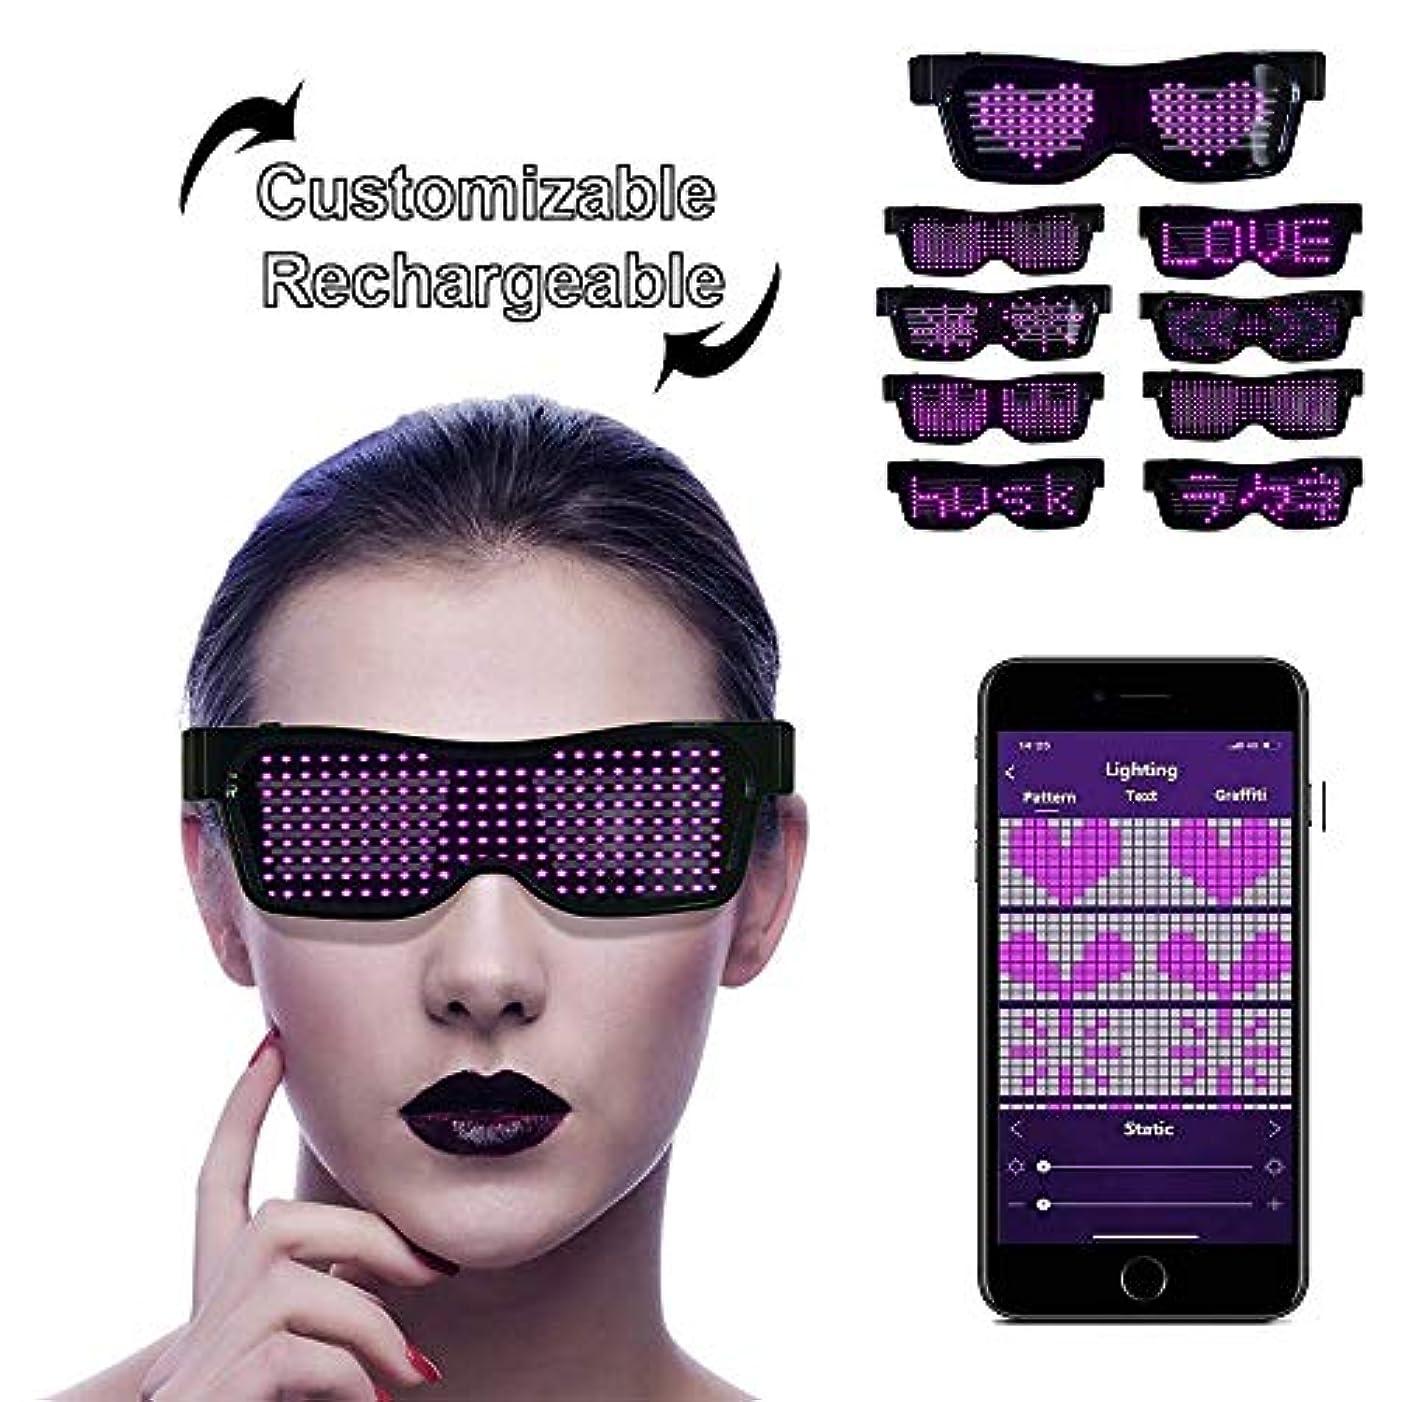 完璧協力統計的LEDサングラス, LEDメガネ ブルートゥースLEDパーティーメガネカスタマイズ可能なLEDメガネUSB充電式9モードワイヤレス点滅LEDディスプレイ、フェスティバル用グロー眼鏡レイヴパーティー